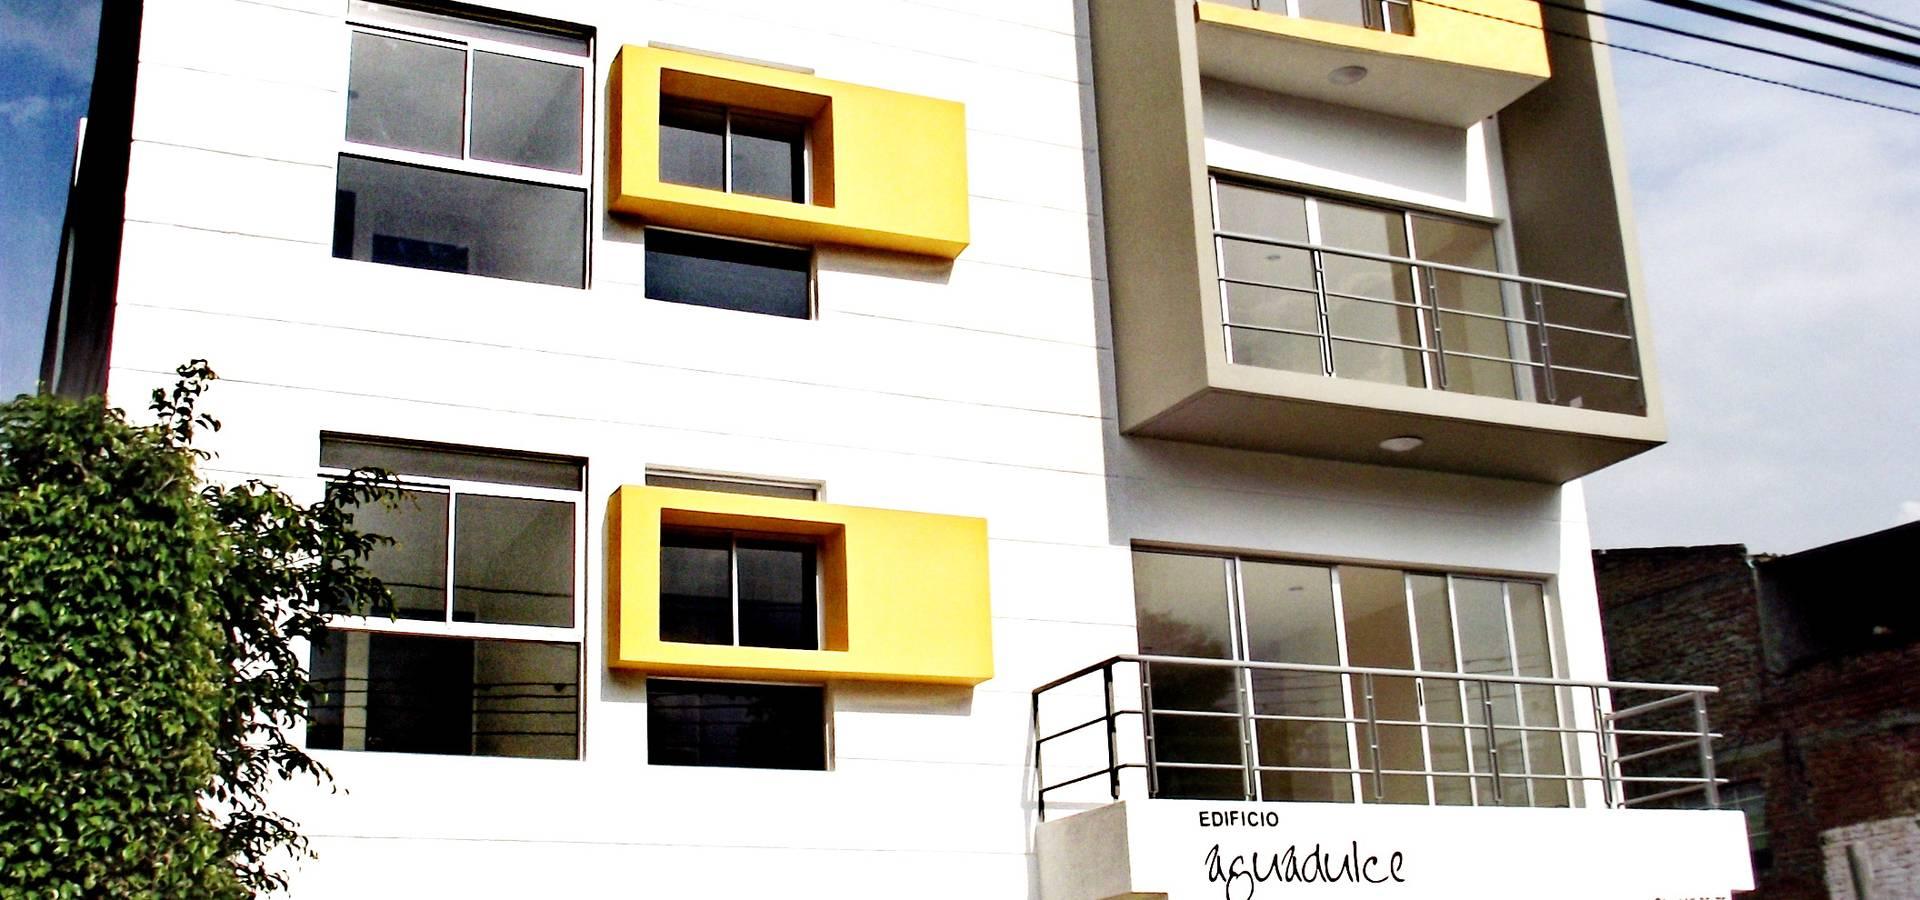 ARKETIPO diseño + construccion